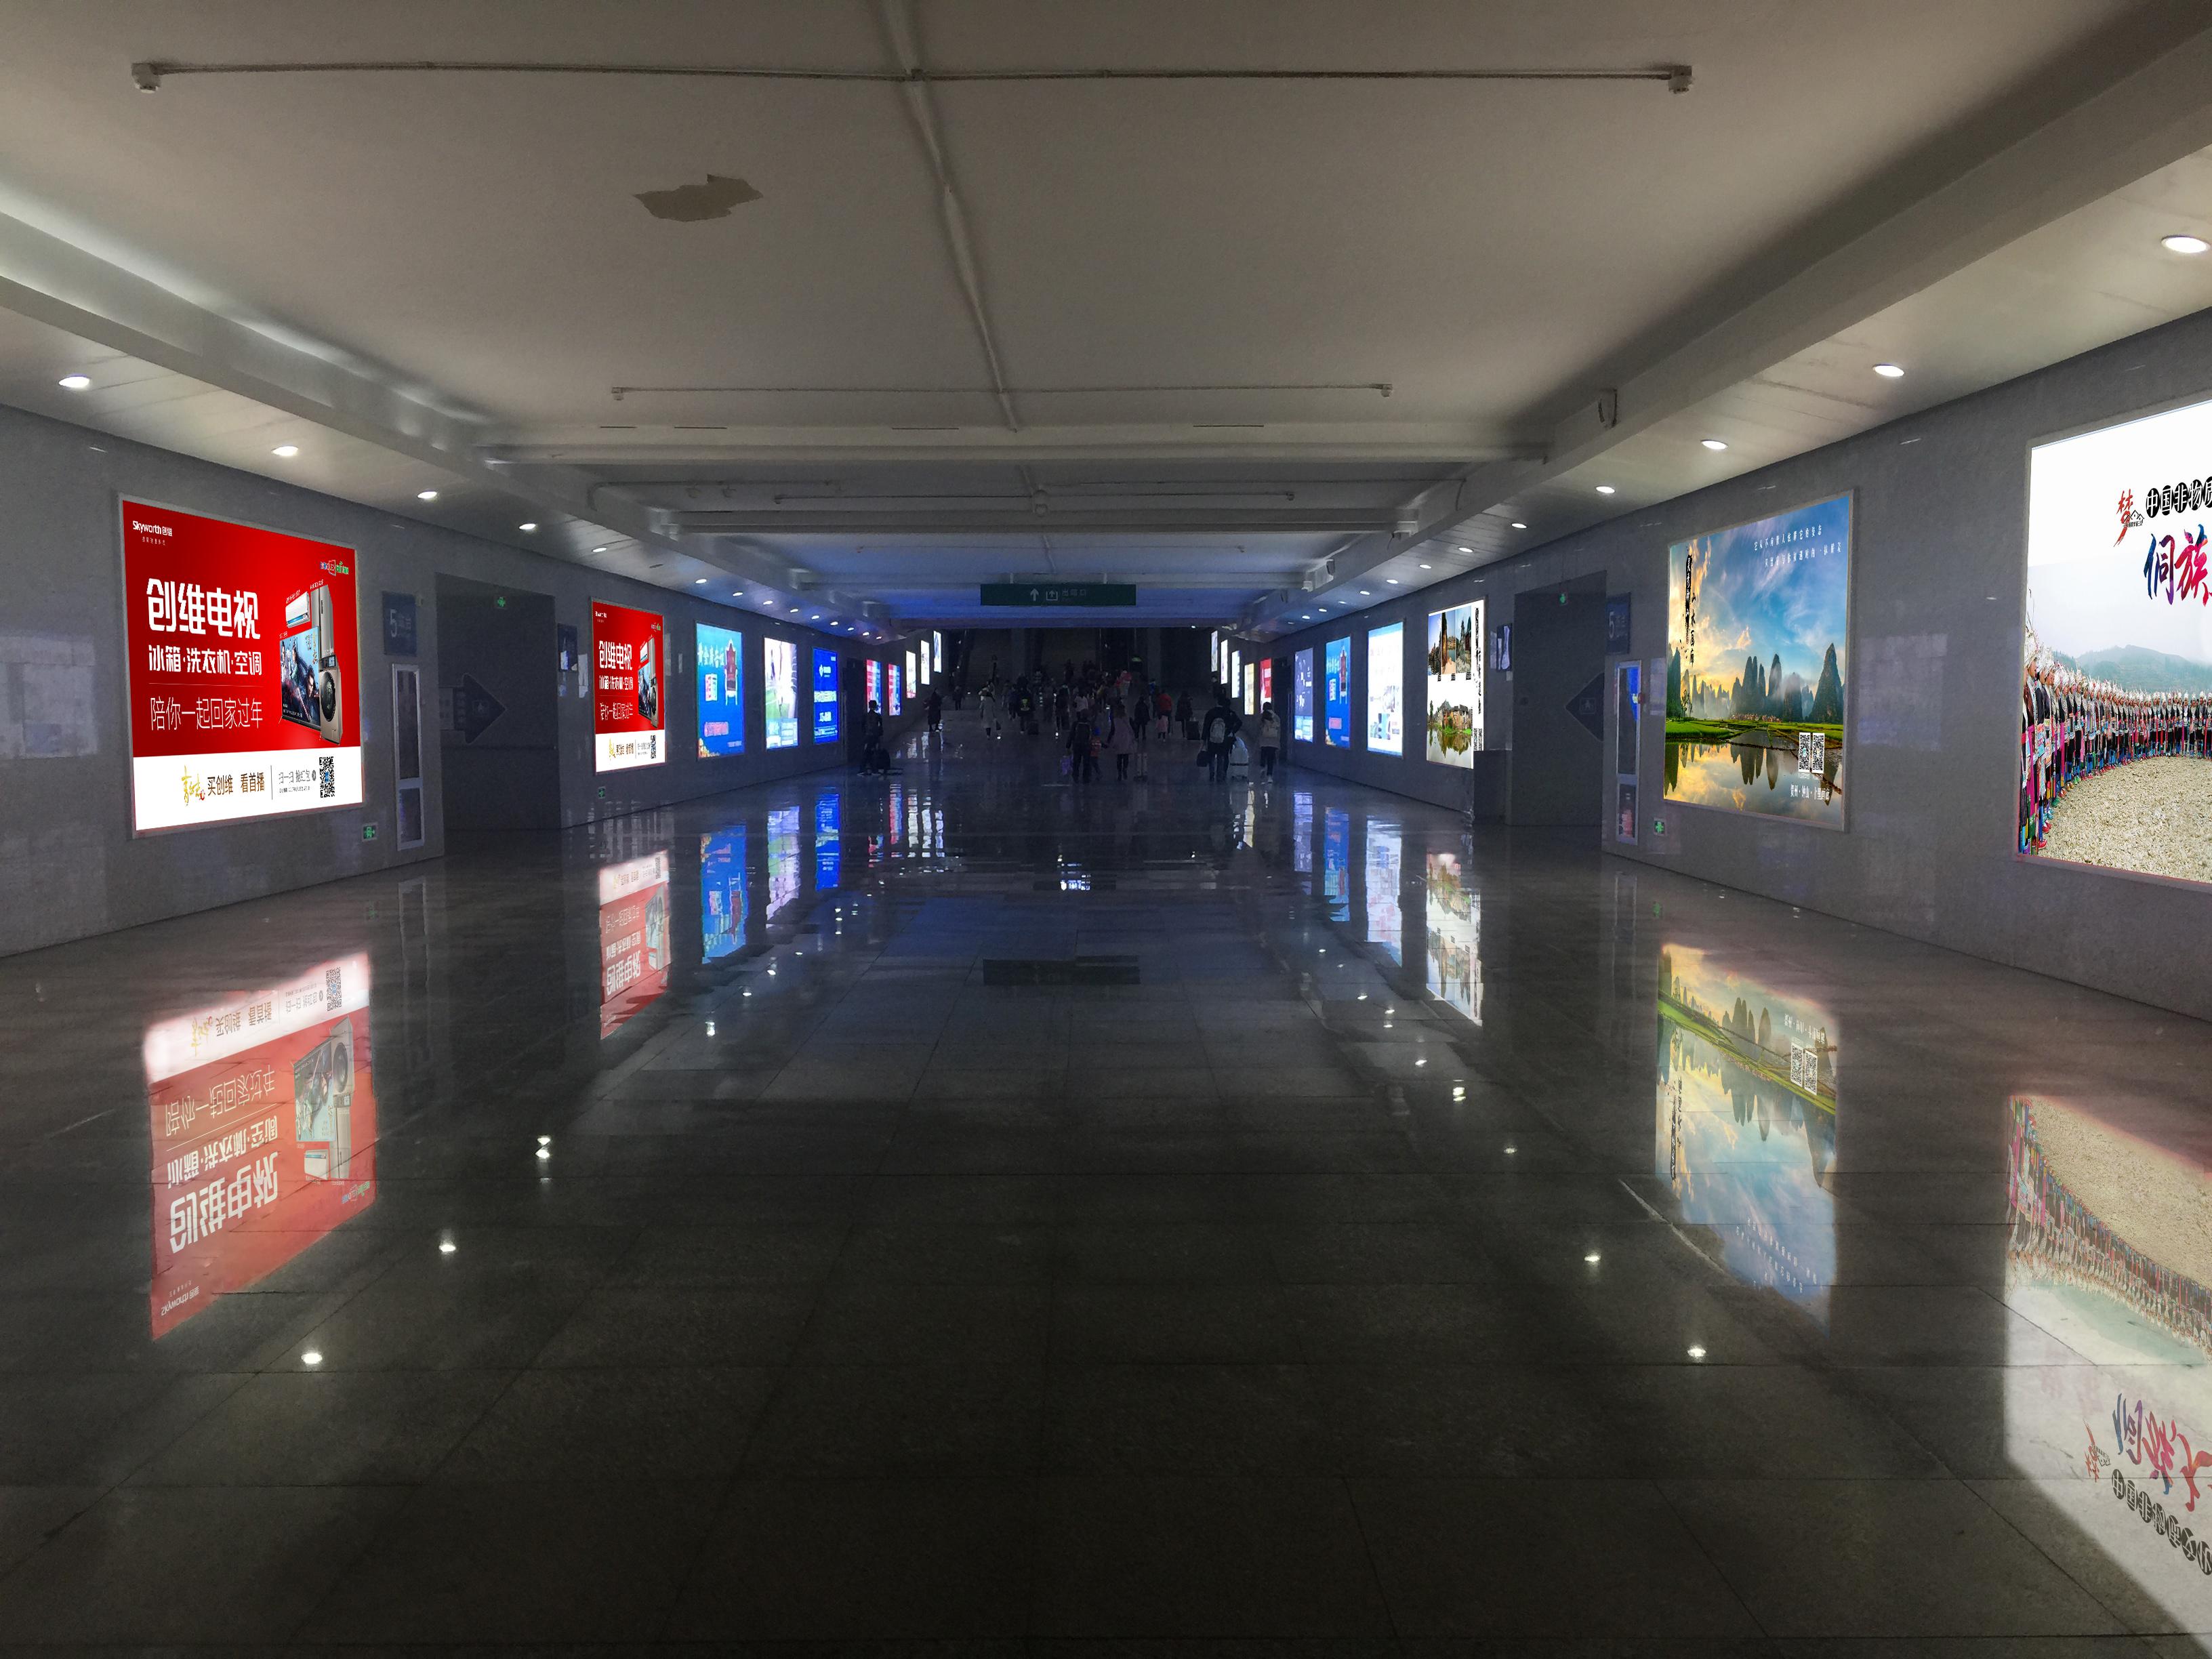 广西桂林市桂林北站火车站高铁站地下通道灯箱媒体广告位